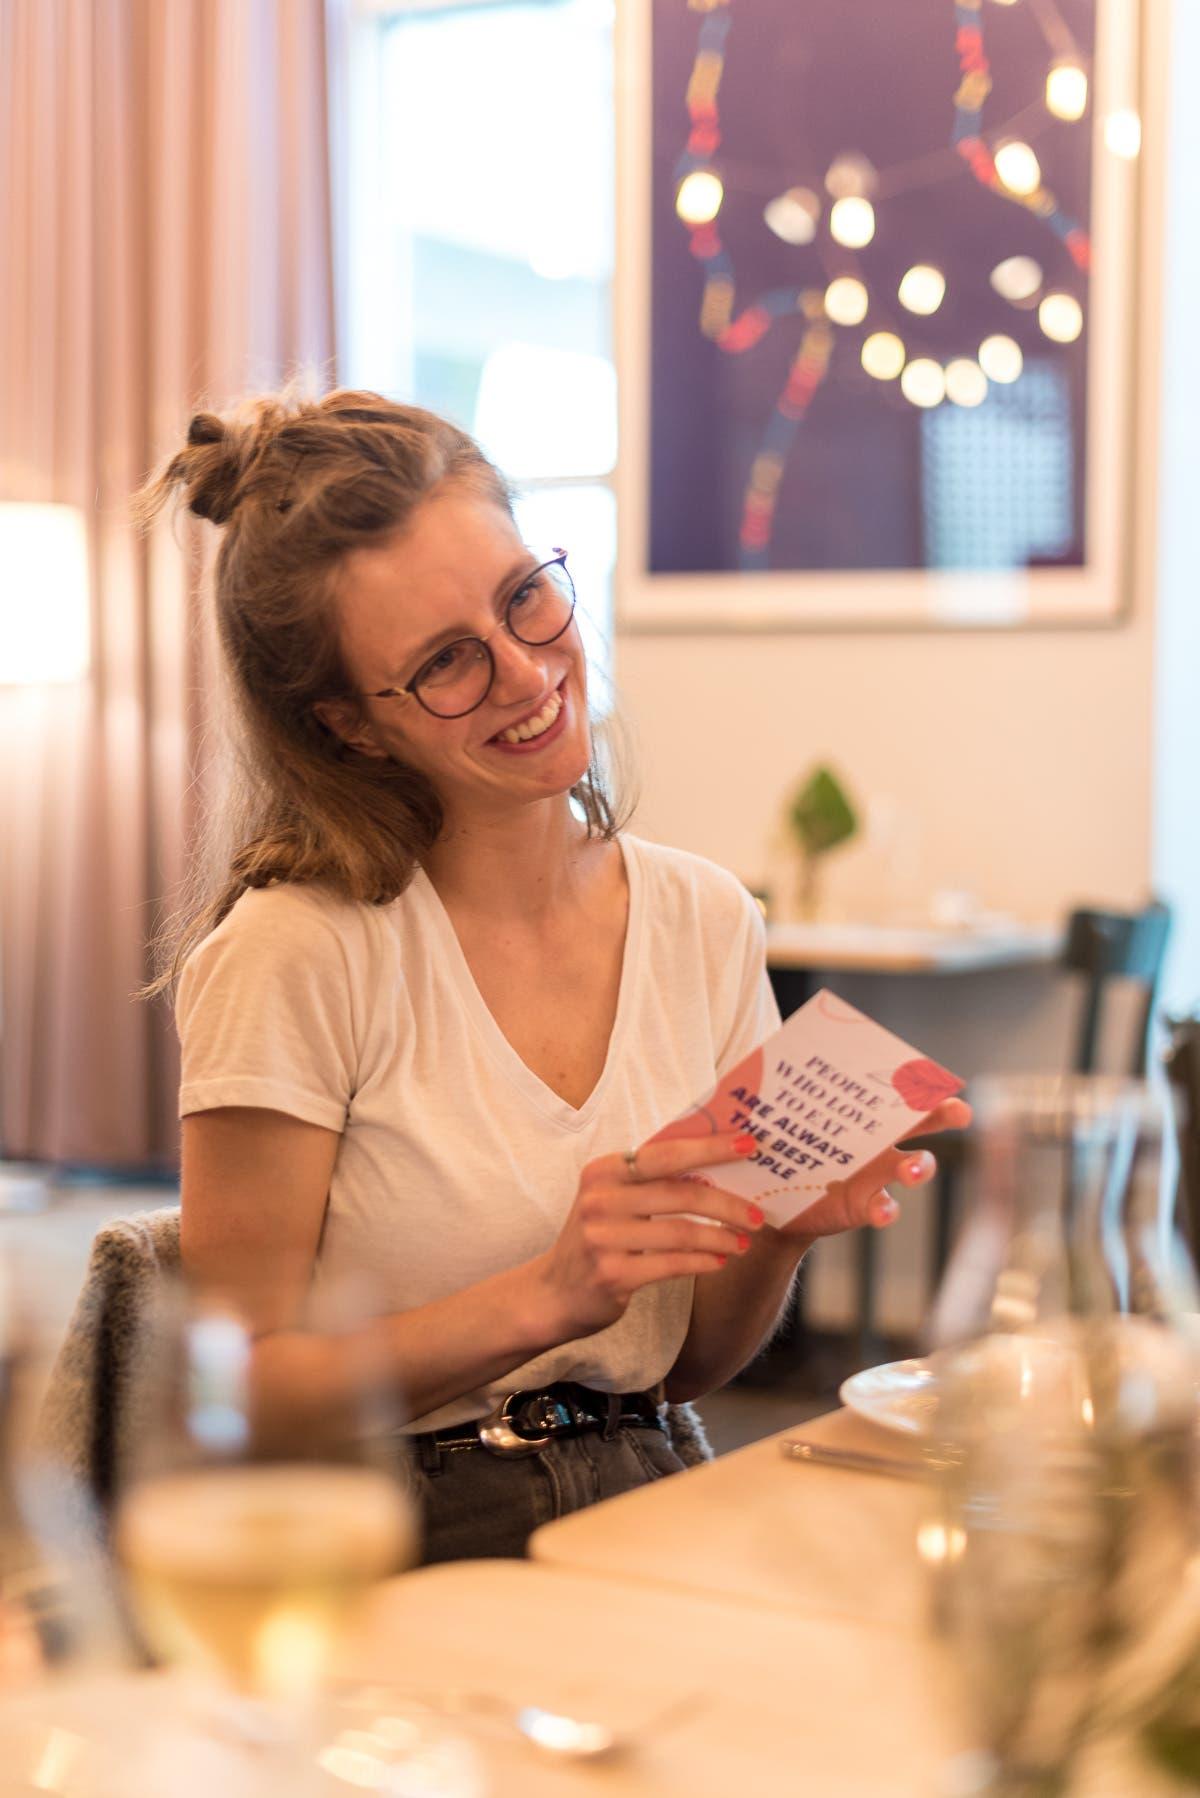 Frau sitzt an einem Tisch und lächelt und hält eine Postkarte in der Hand.